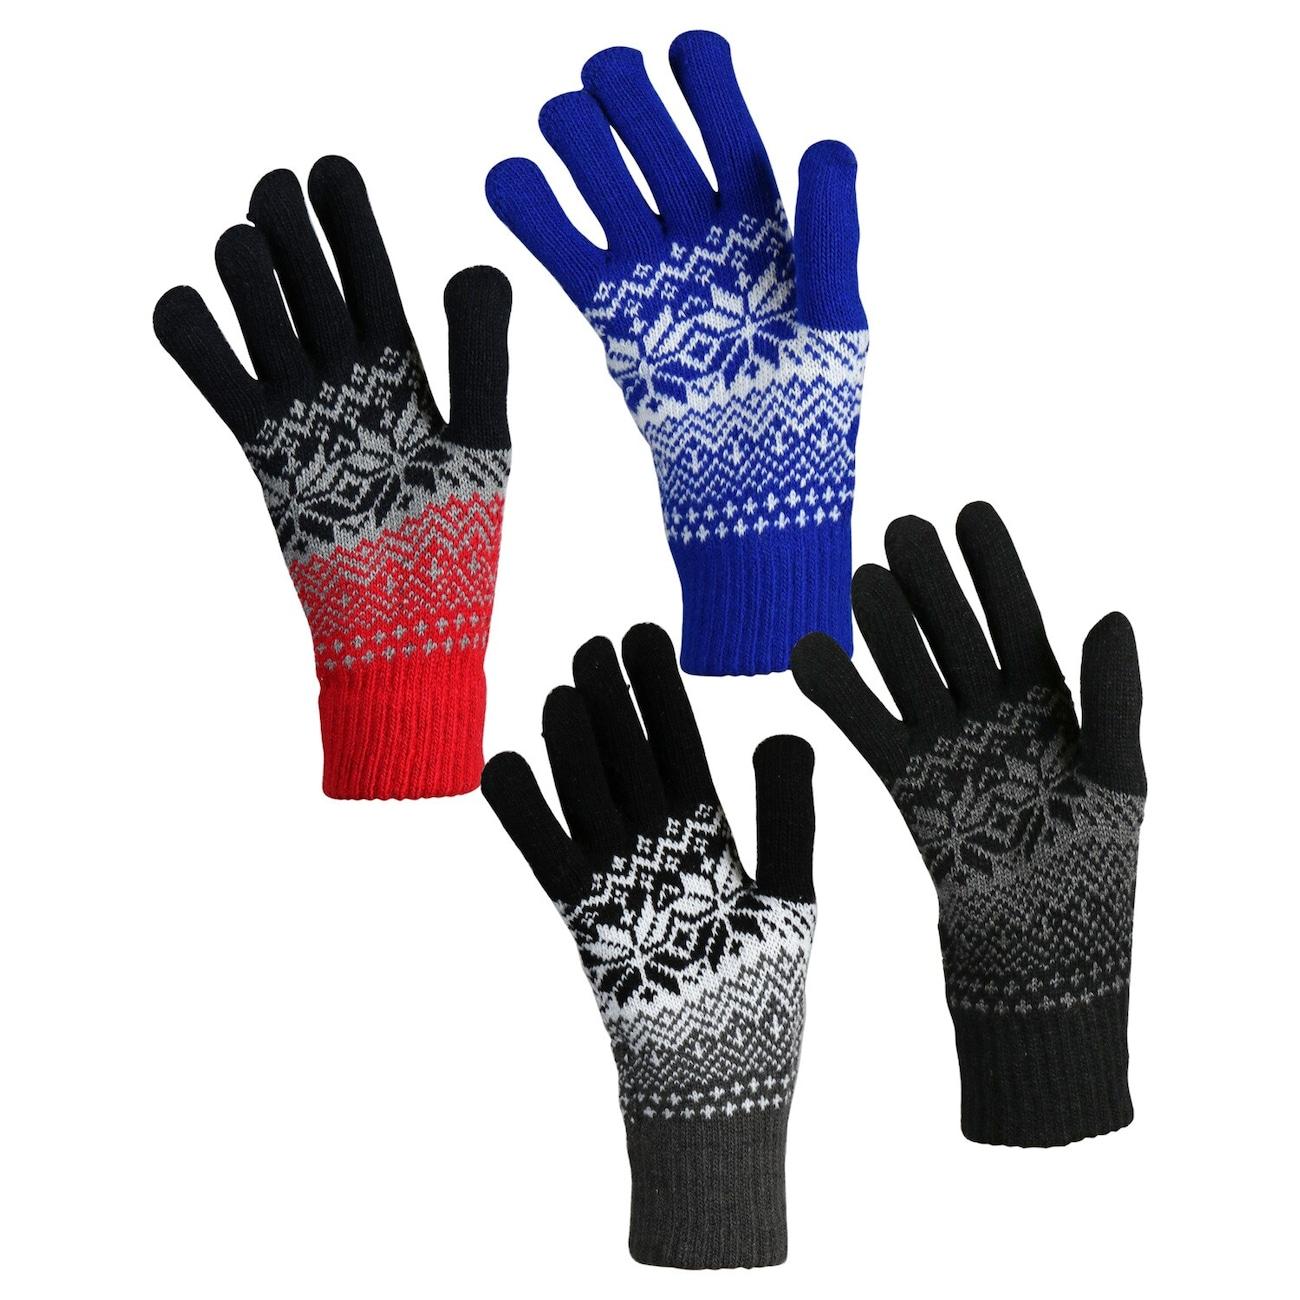 Men's Brushed Gloves